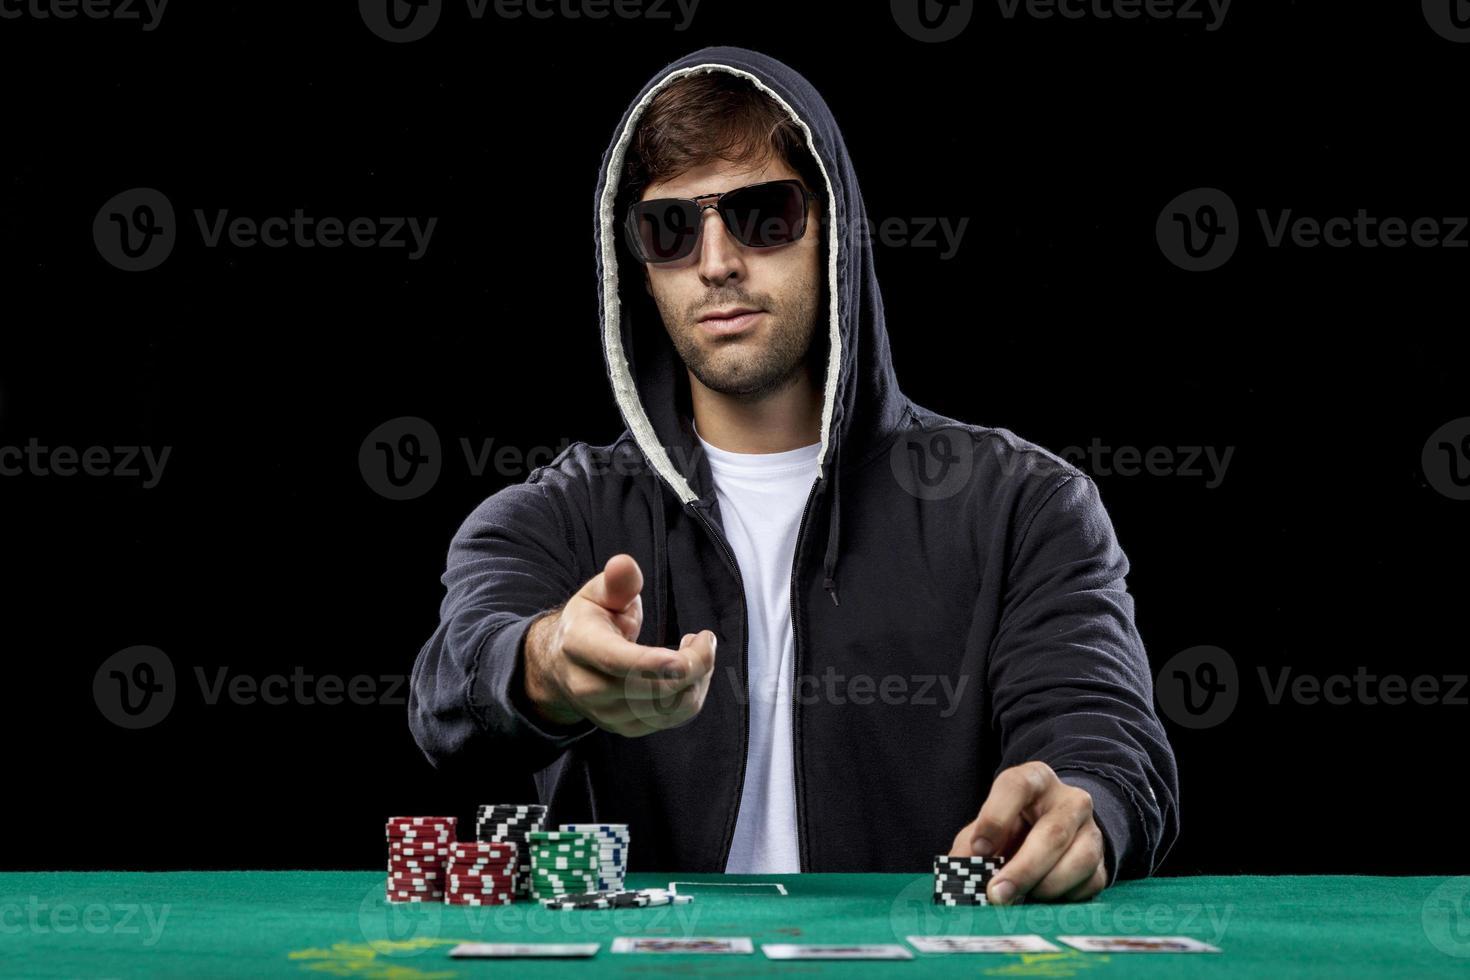 giocatore di poker foto